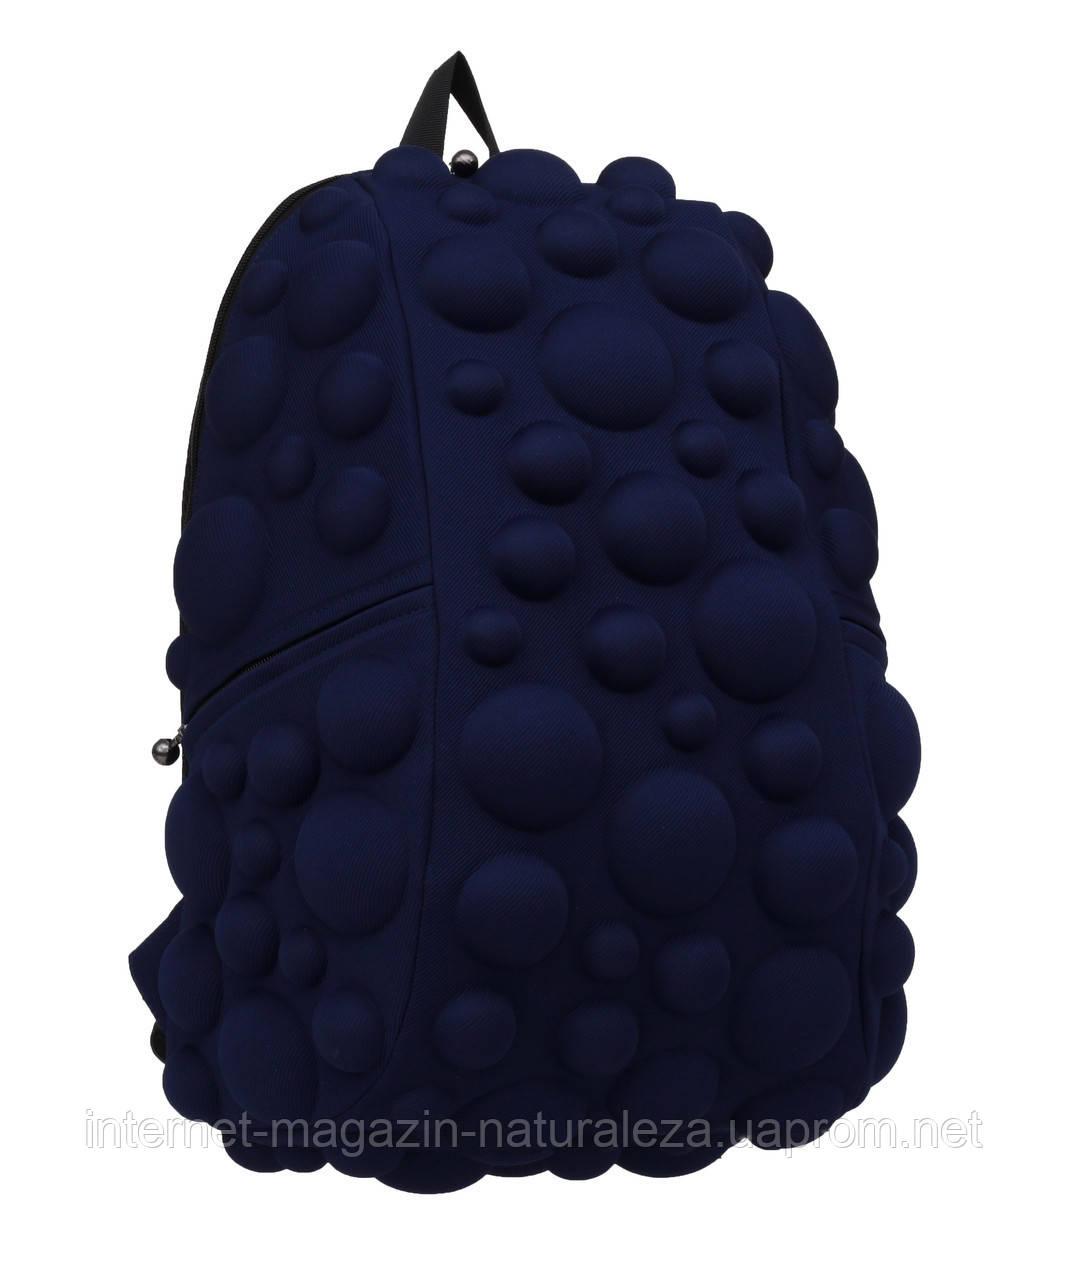 Школьный рюкзак MadPax Bubble Full цвет Navy (синий)